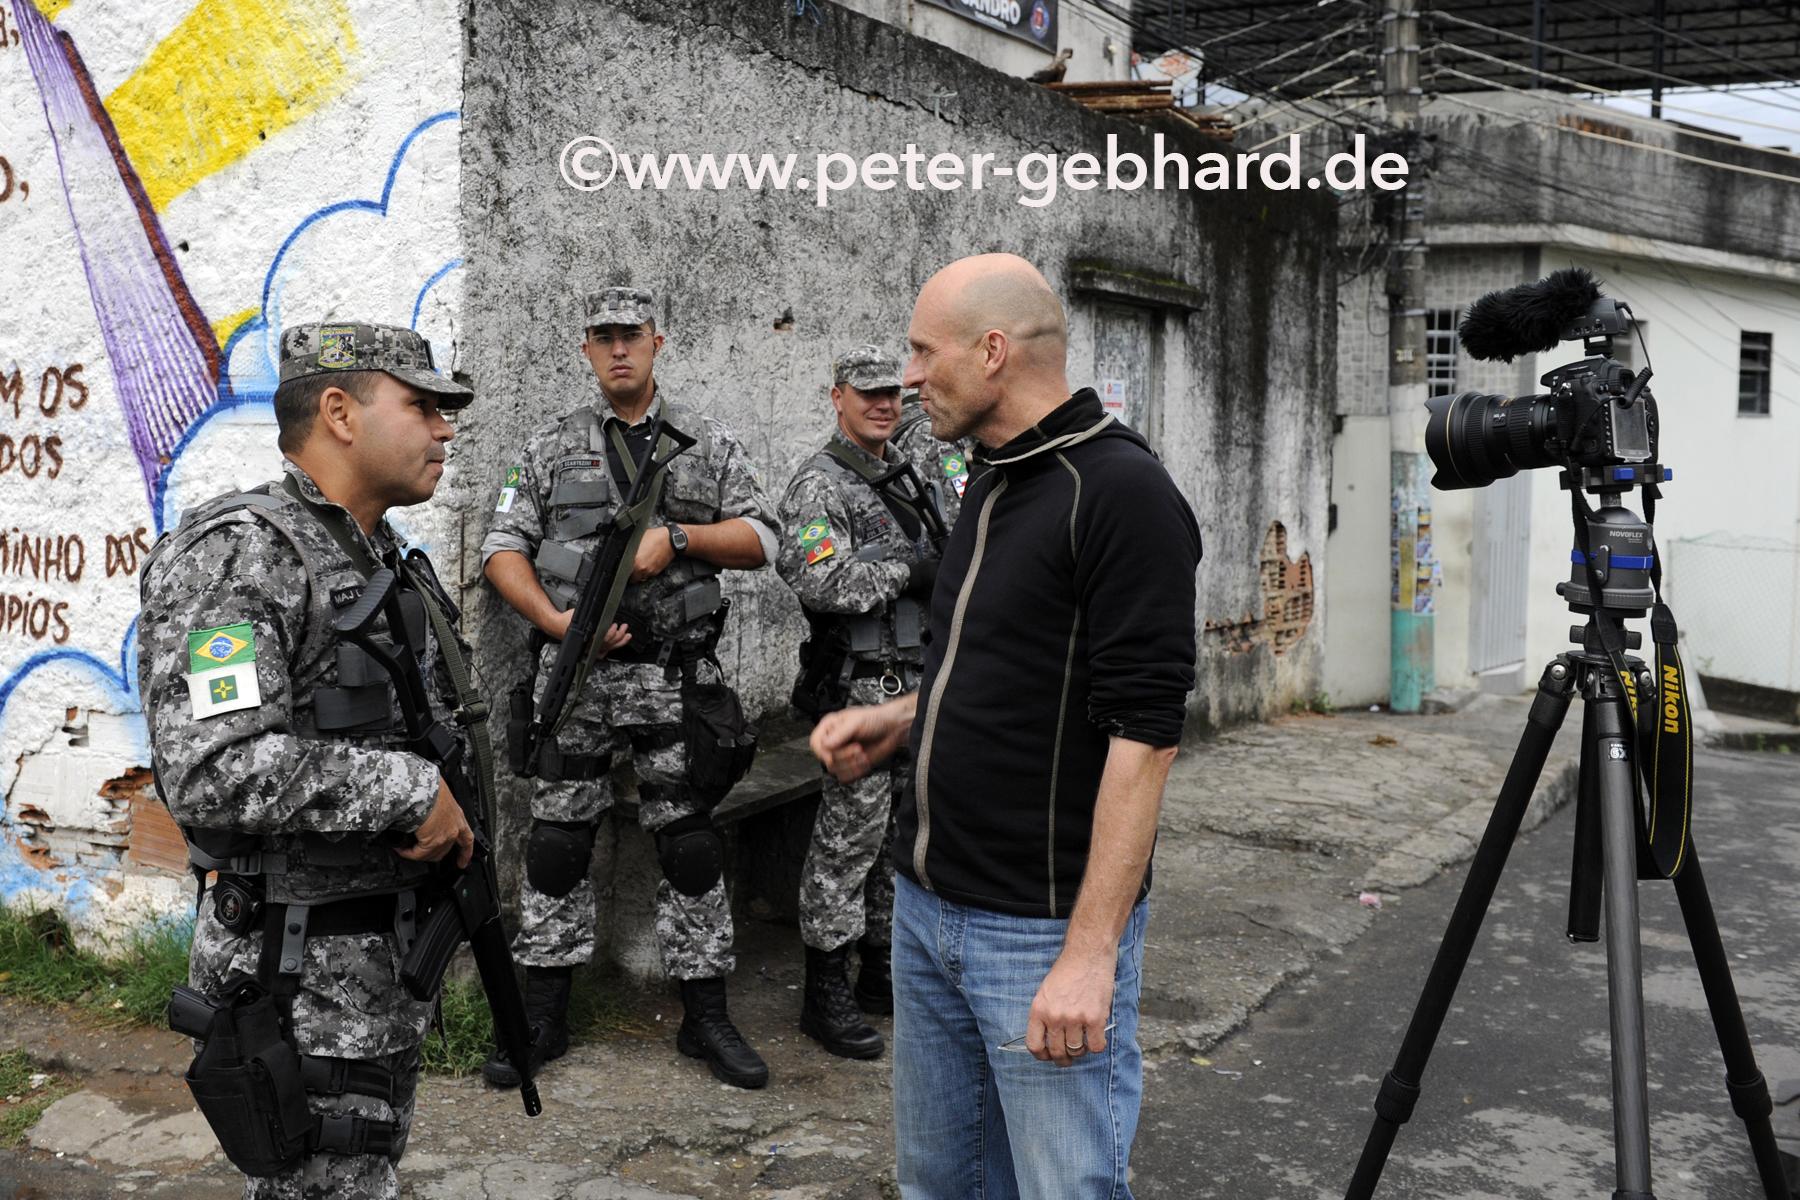 Gebhard mit einer Spezialeinheit in einer von Rios Favelas. Bei einer Drogenpatrouille waren er und sein Assistent hautnah mit dabei.